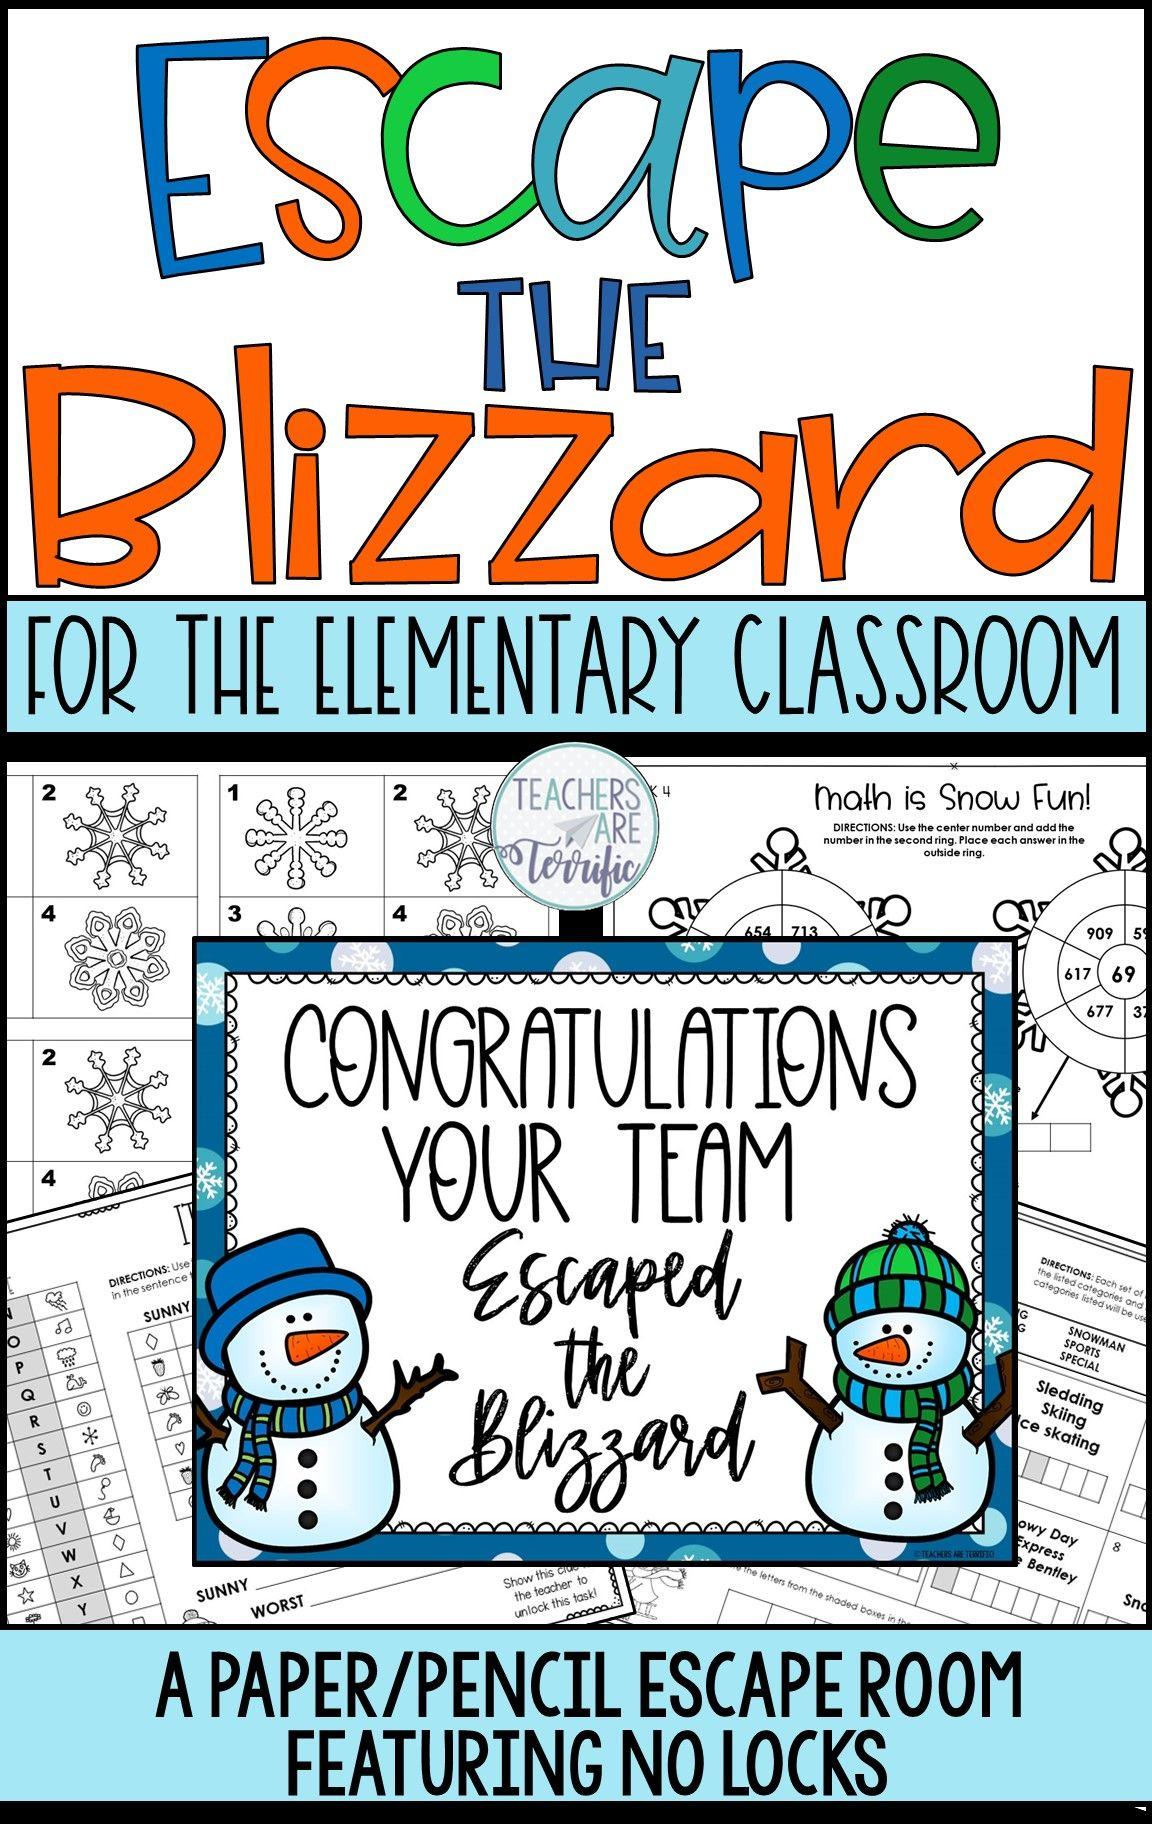 Escape the Blizzard No-Locks Escape Room | Elementary ...